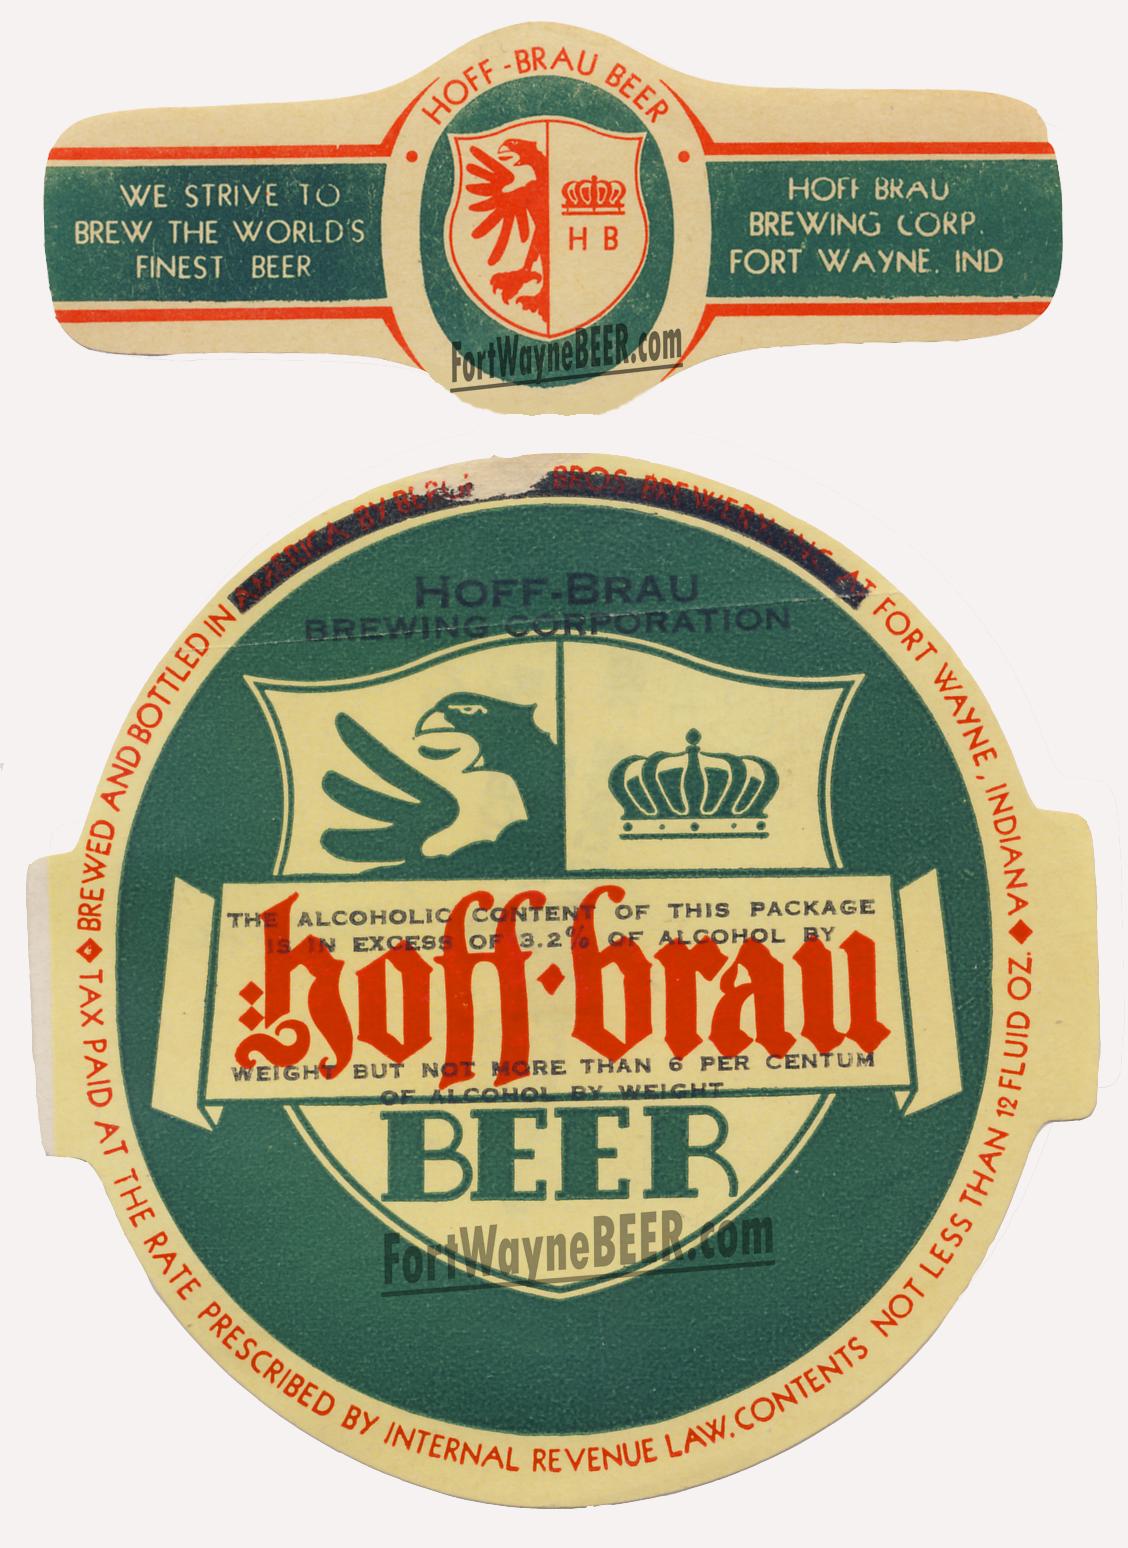 Hoff-Brau Beer lable 2 copy.png